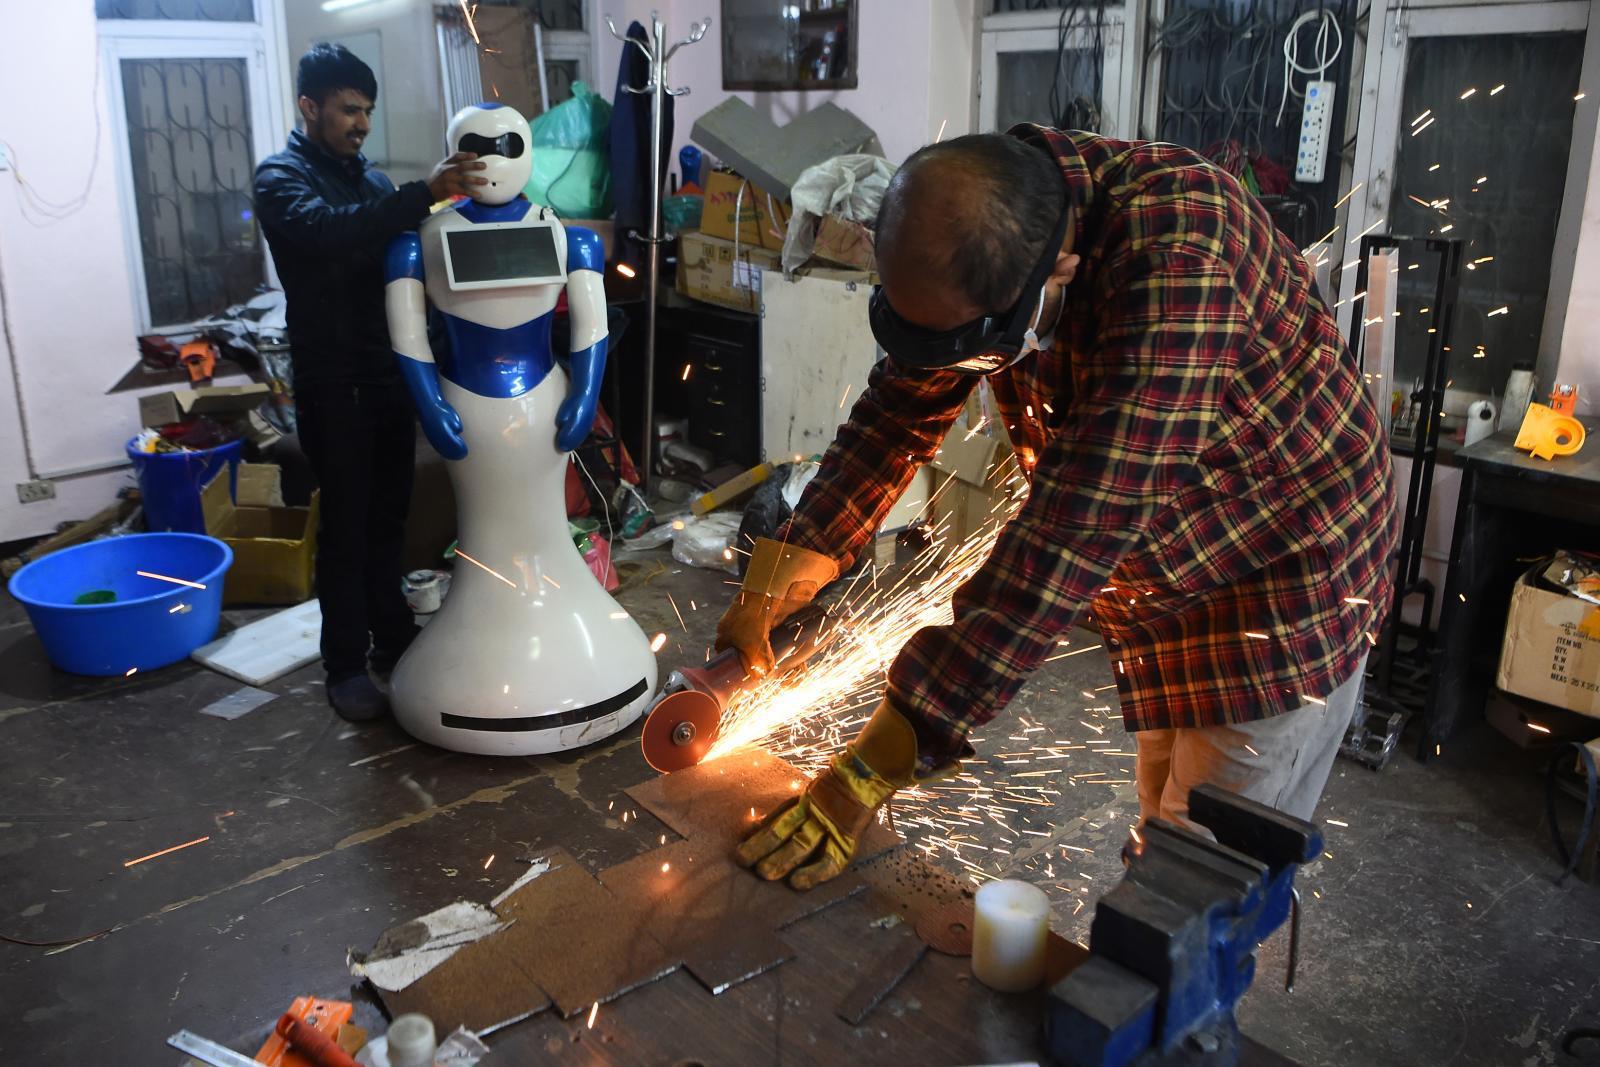 """เนปาลเปิดตัว """"หุ่นยนต์"""" สร้างเองครั้งแรก คอยให้บริการเสิร์ฟอาหาร"""